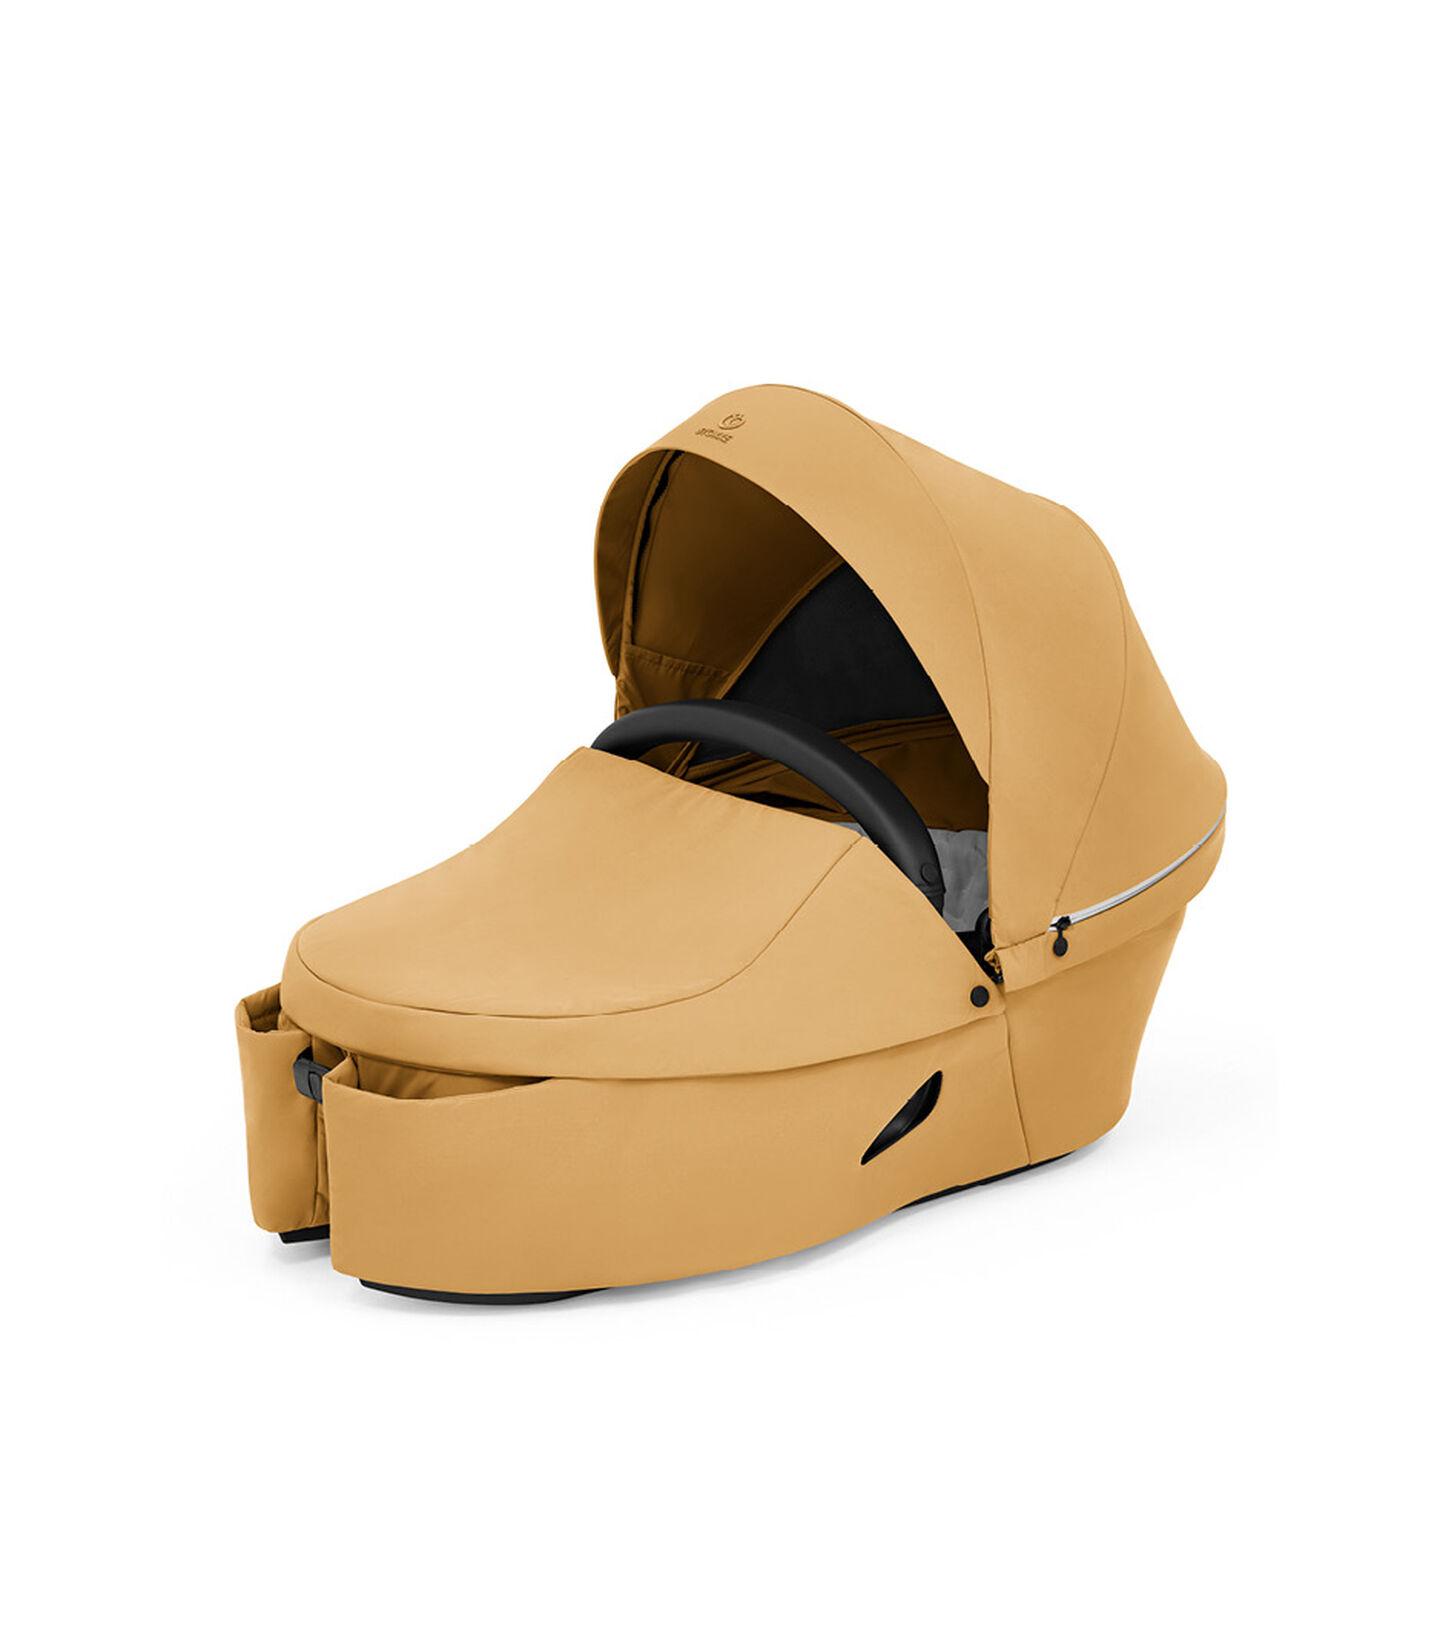 Stokke® Xplory® X Carry Cot Golden Yellow, Jaune Doré, mainview view 2